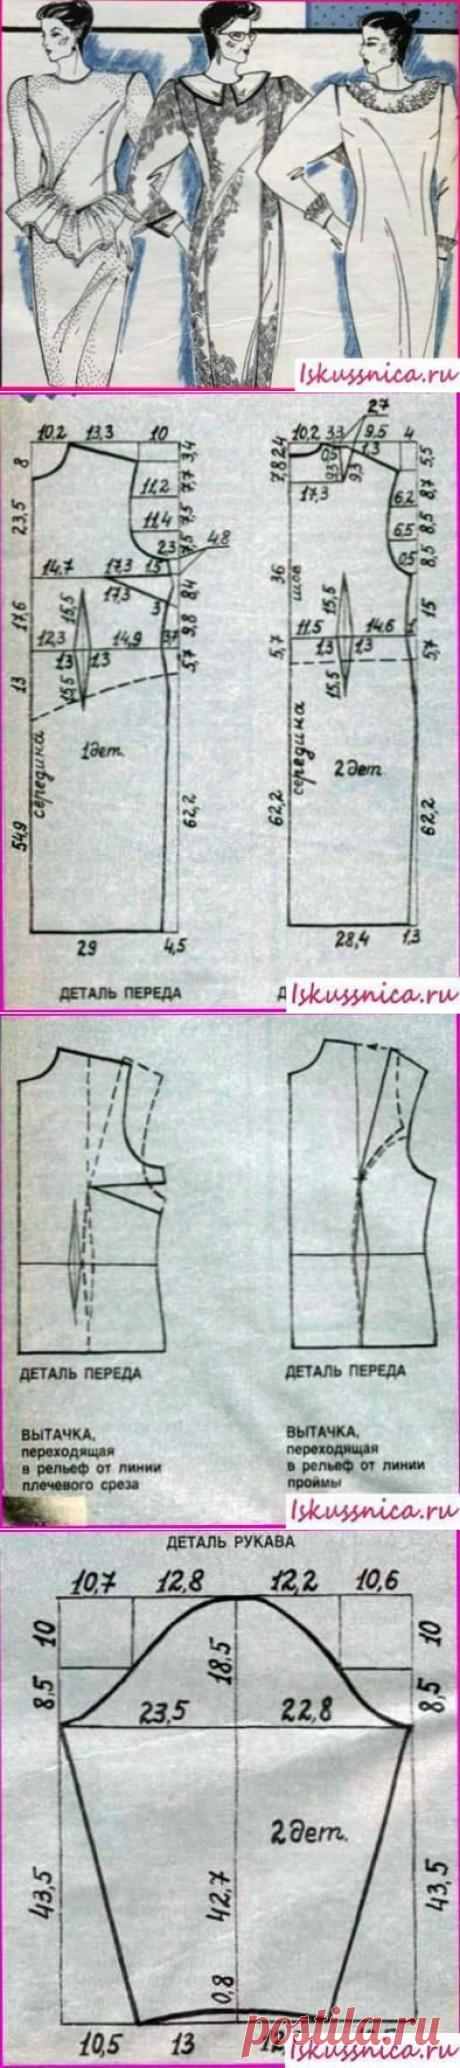 Женское платье размер 54 рост III — IV 👍 - Шитье